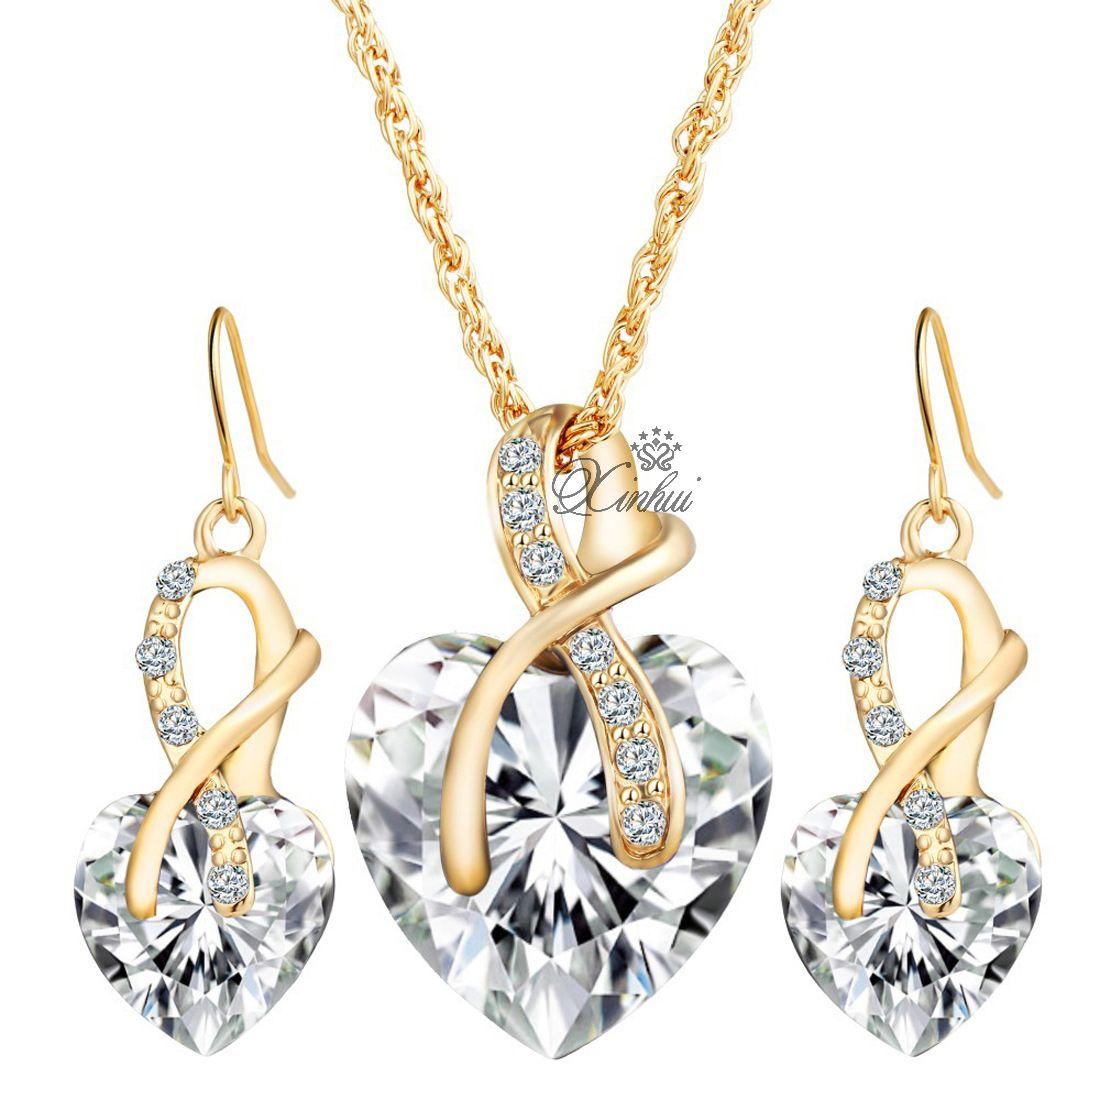 Chapado en oro Cubic Zircon Sistemas de la joyería para las mujeres Collar de cristal del corazón Pendientes Joyería Accesorios de la boda